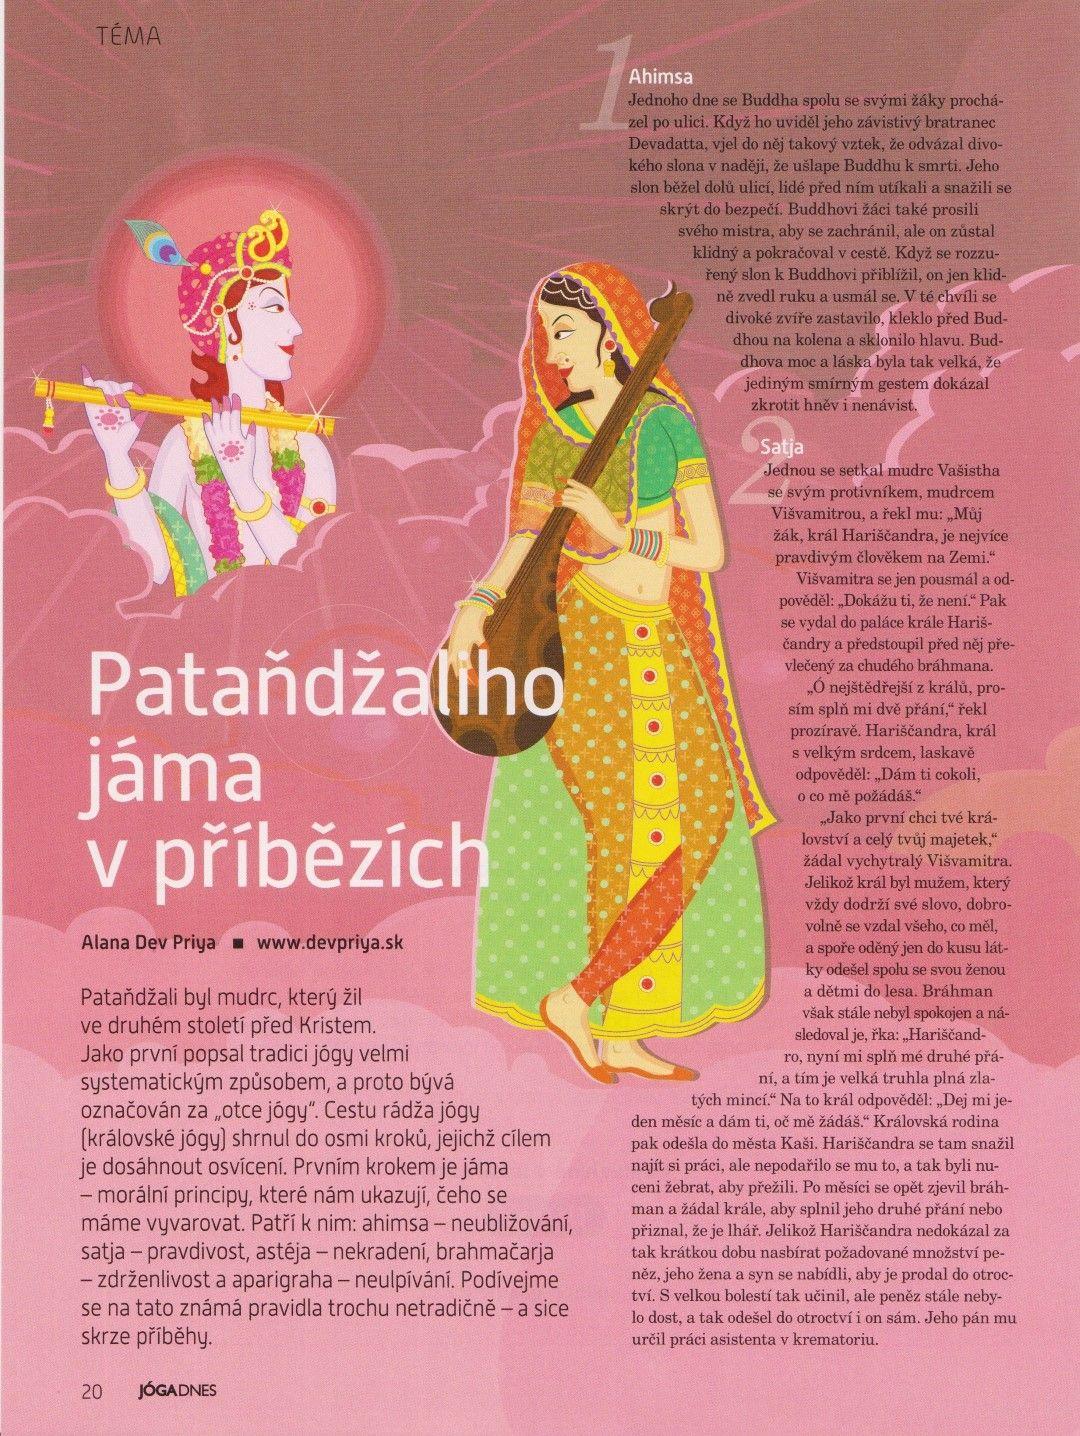 Pataňdžaliho jáma v příbězích